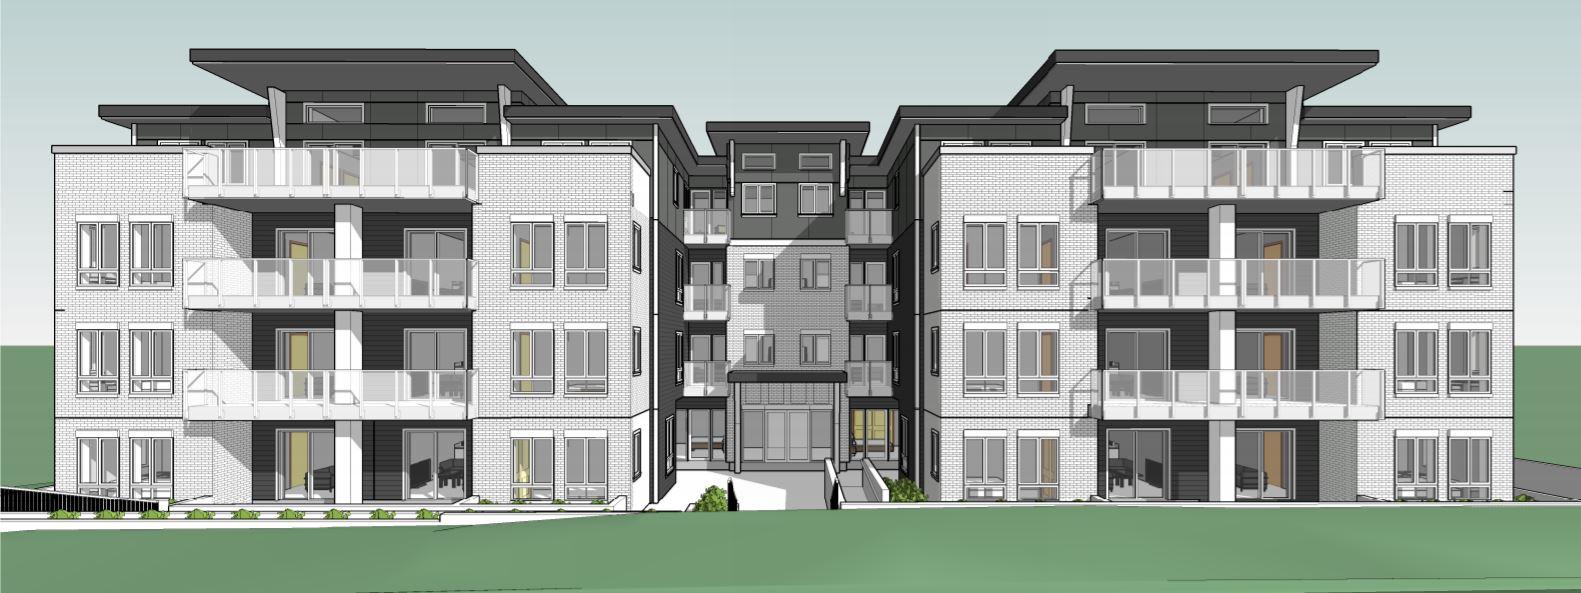 4869 Slocan East Vancouver Presale Condominiums